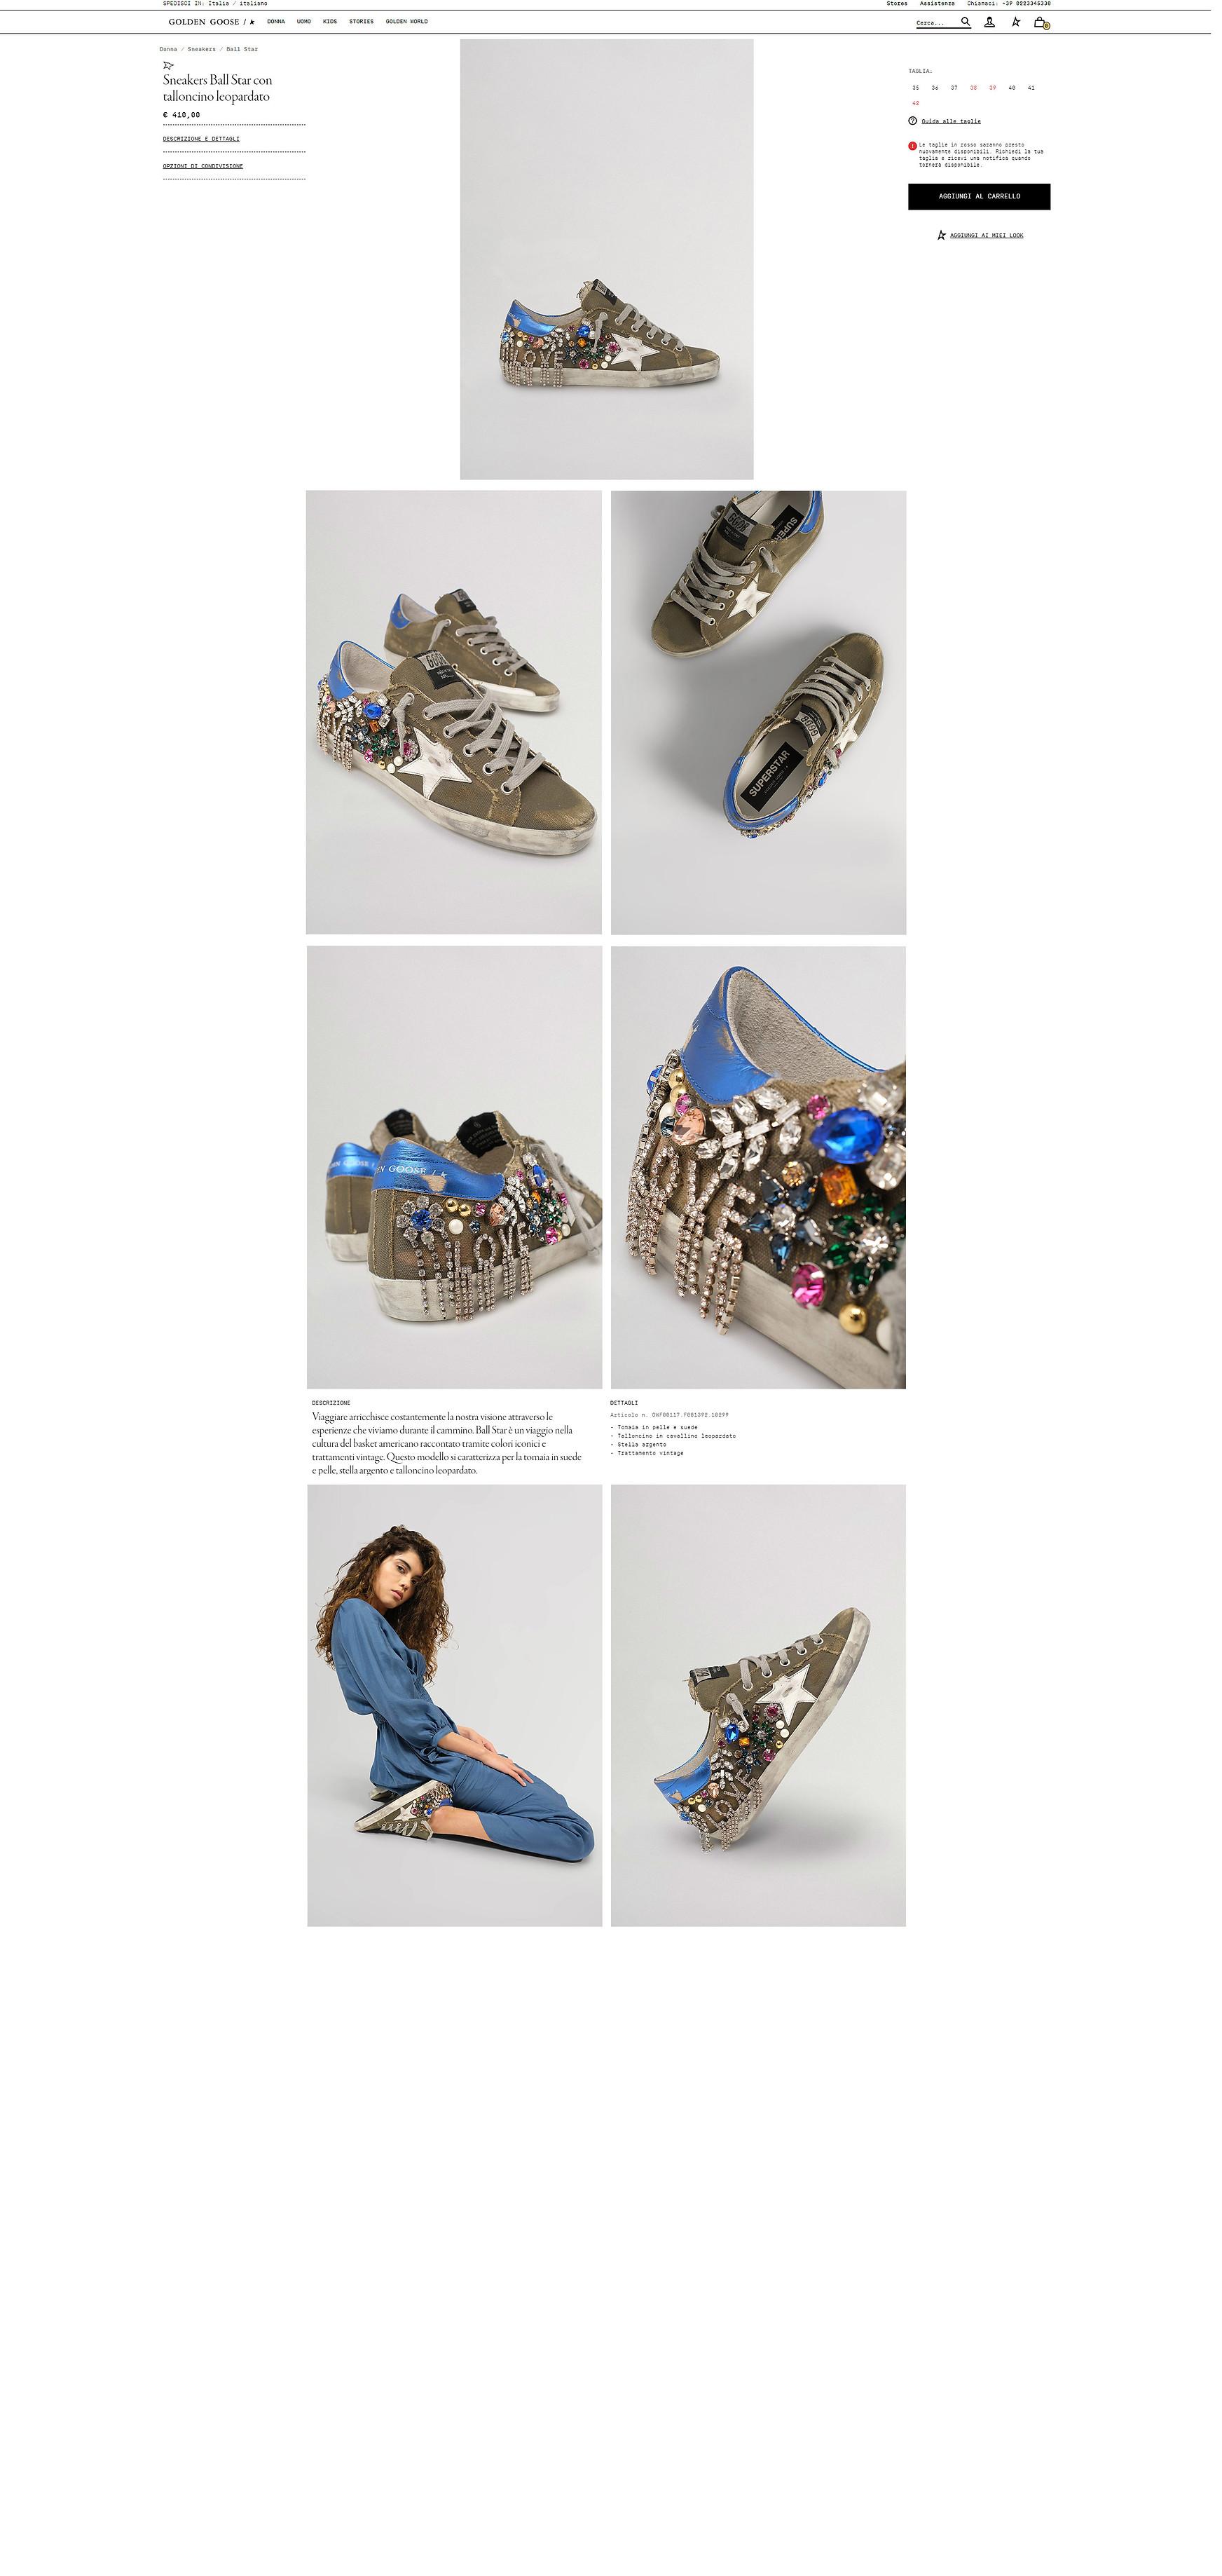 Pagina-sito56.jpg